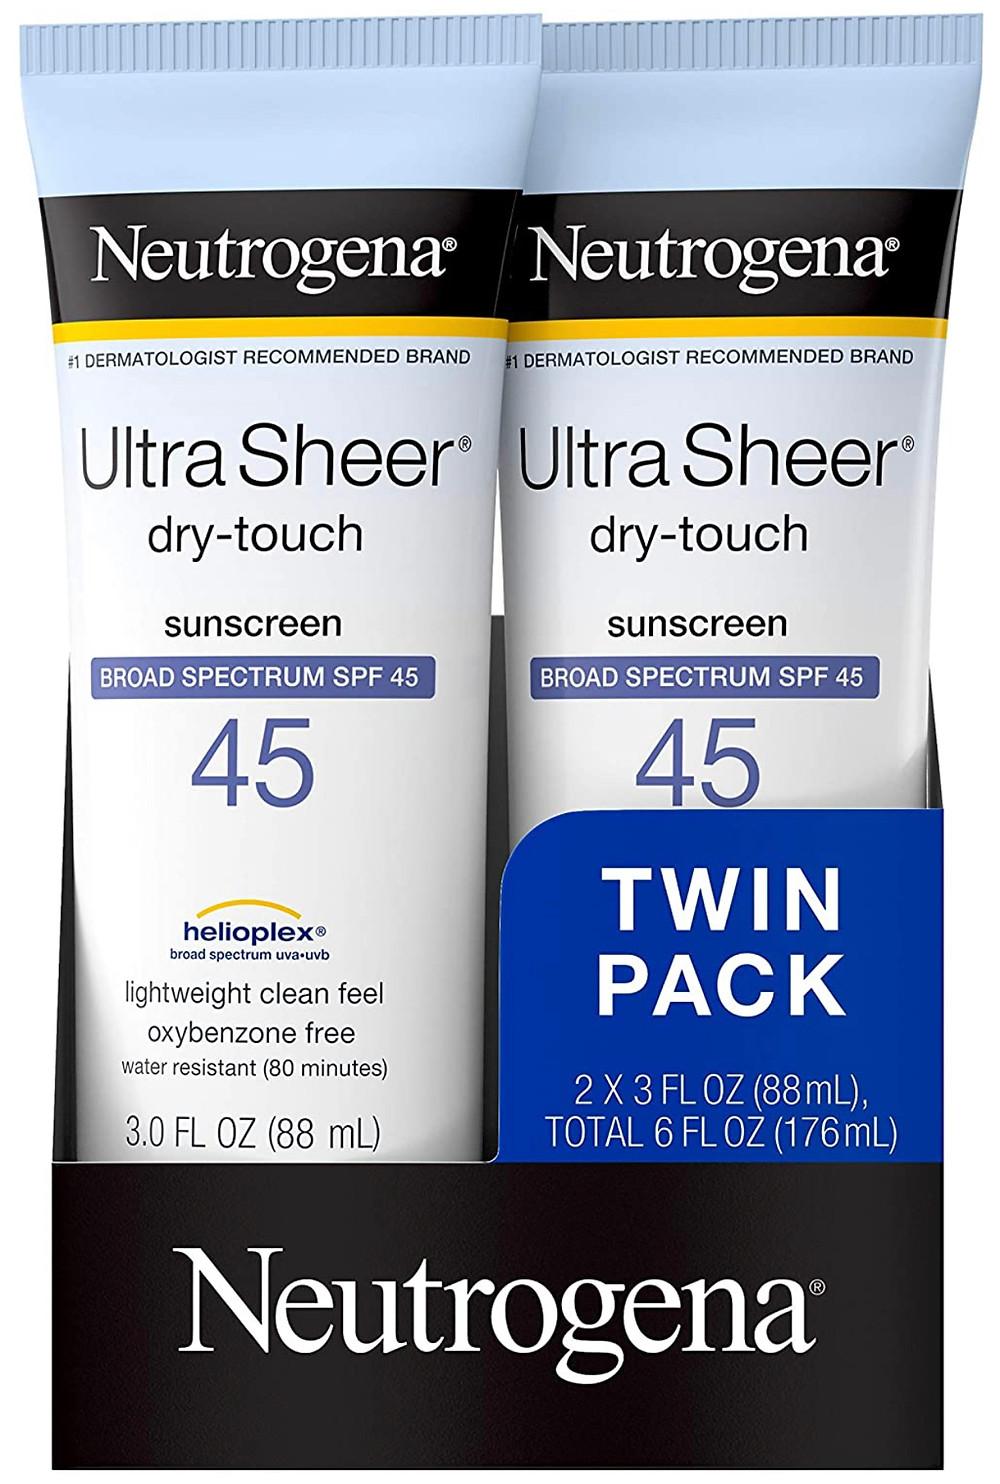 Neutrogena - UltraSheer Dry Touch Sunblock SPF 50+